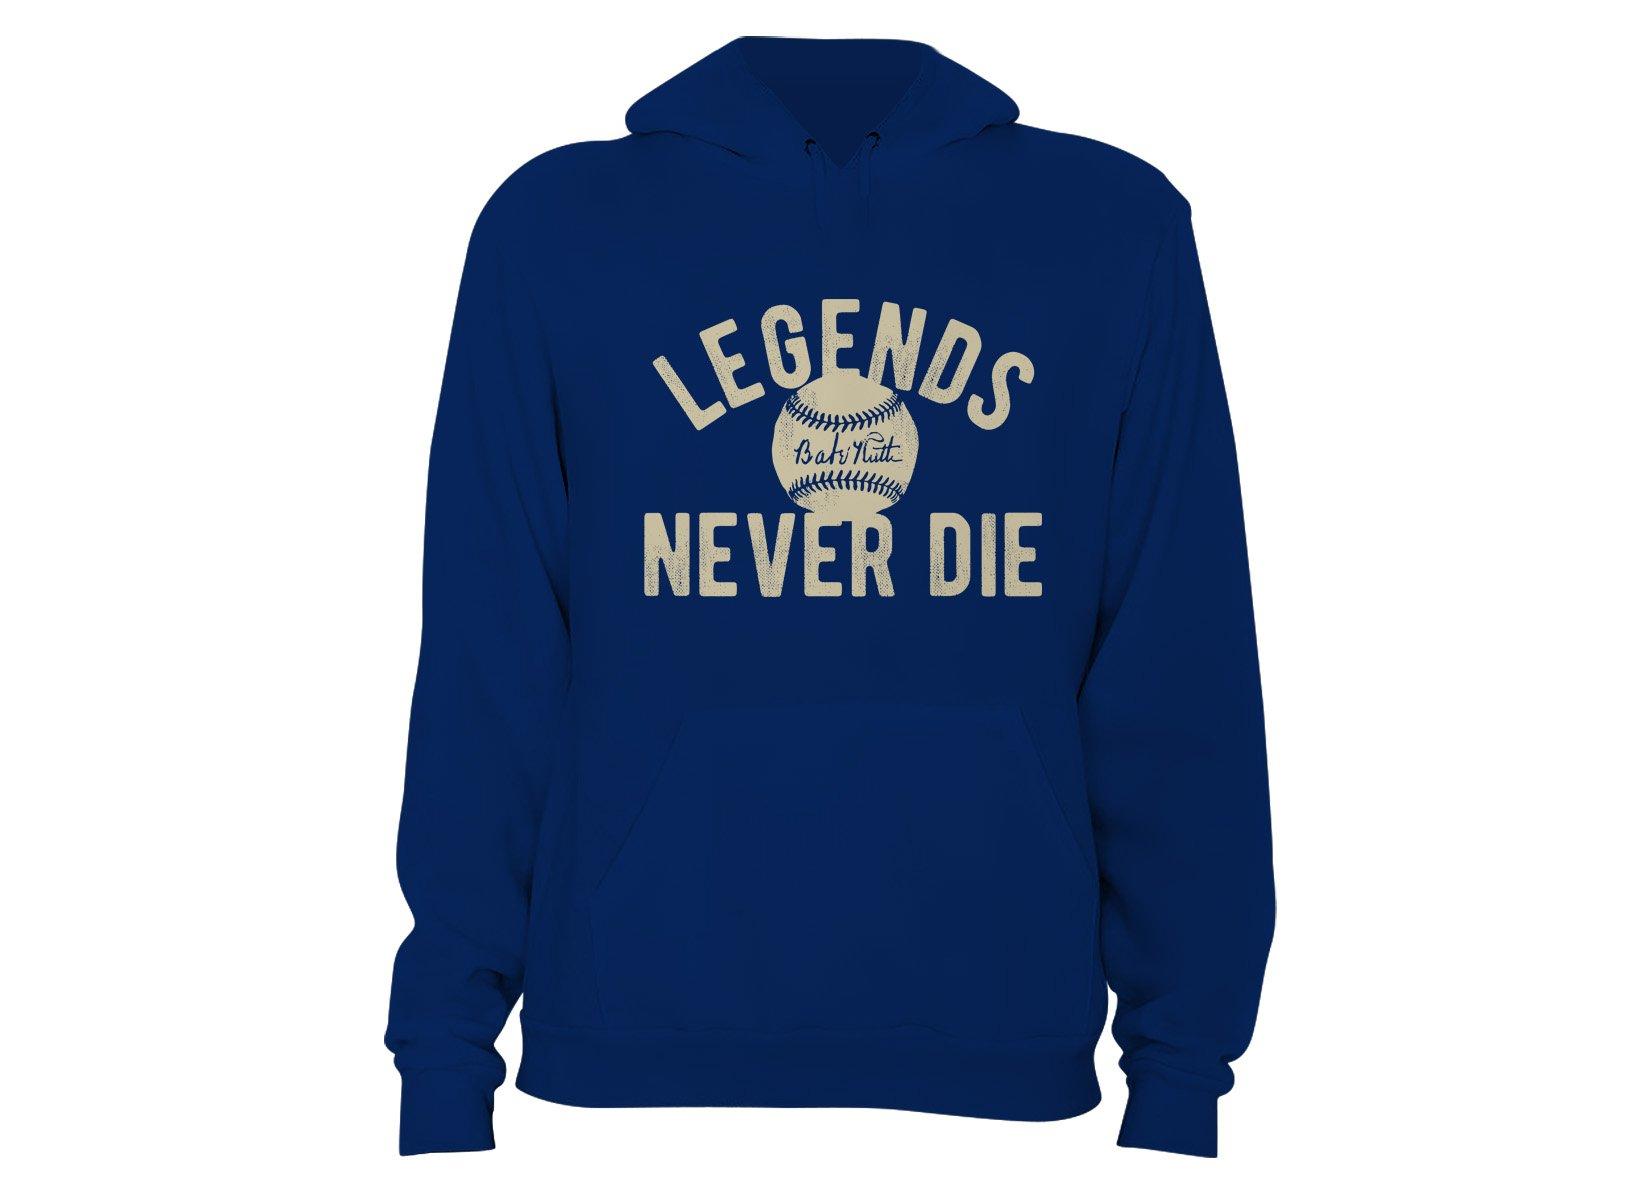 Legends Never Die on Hoodie